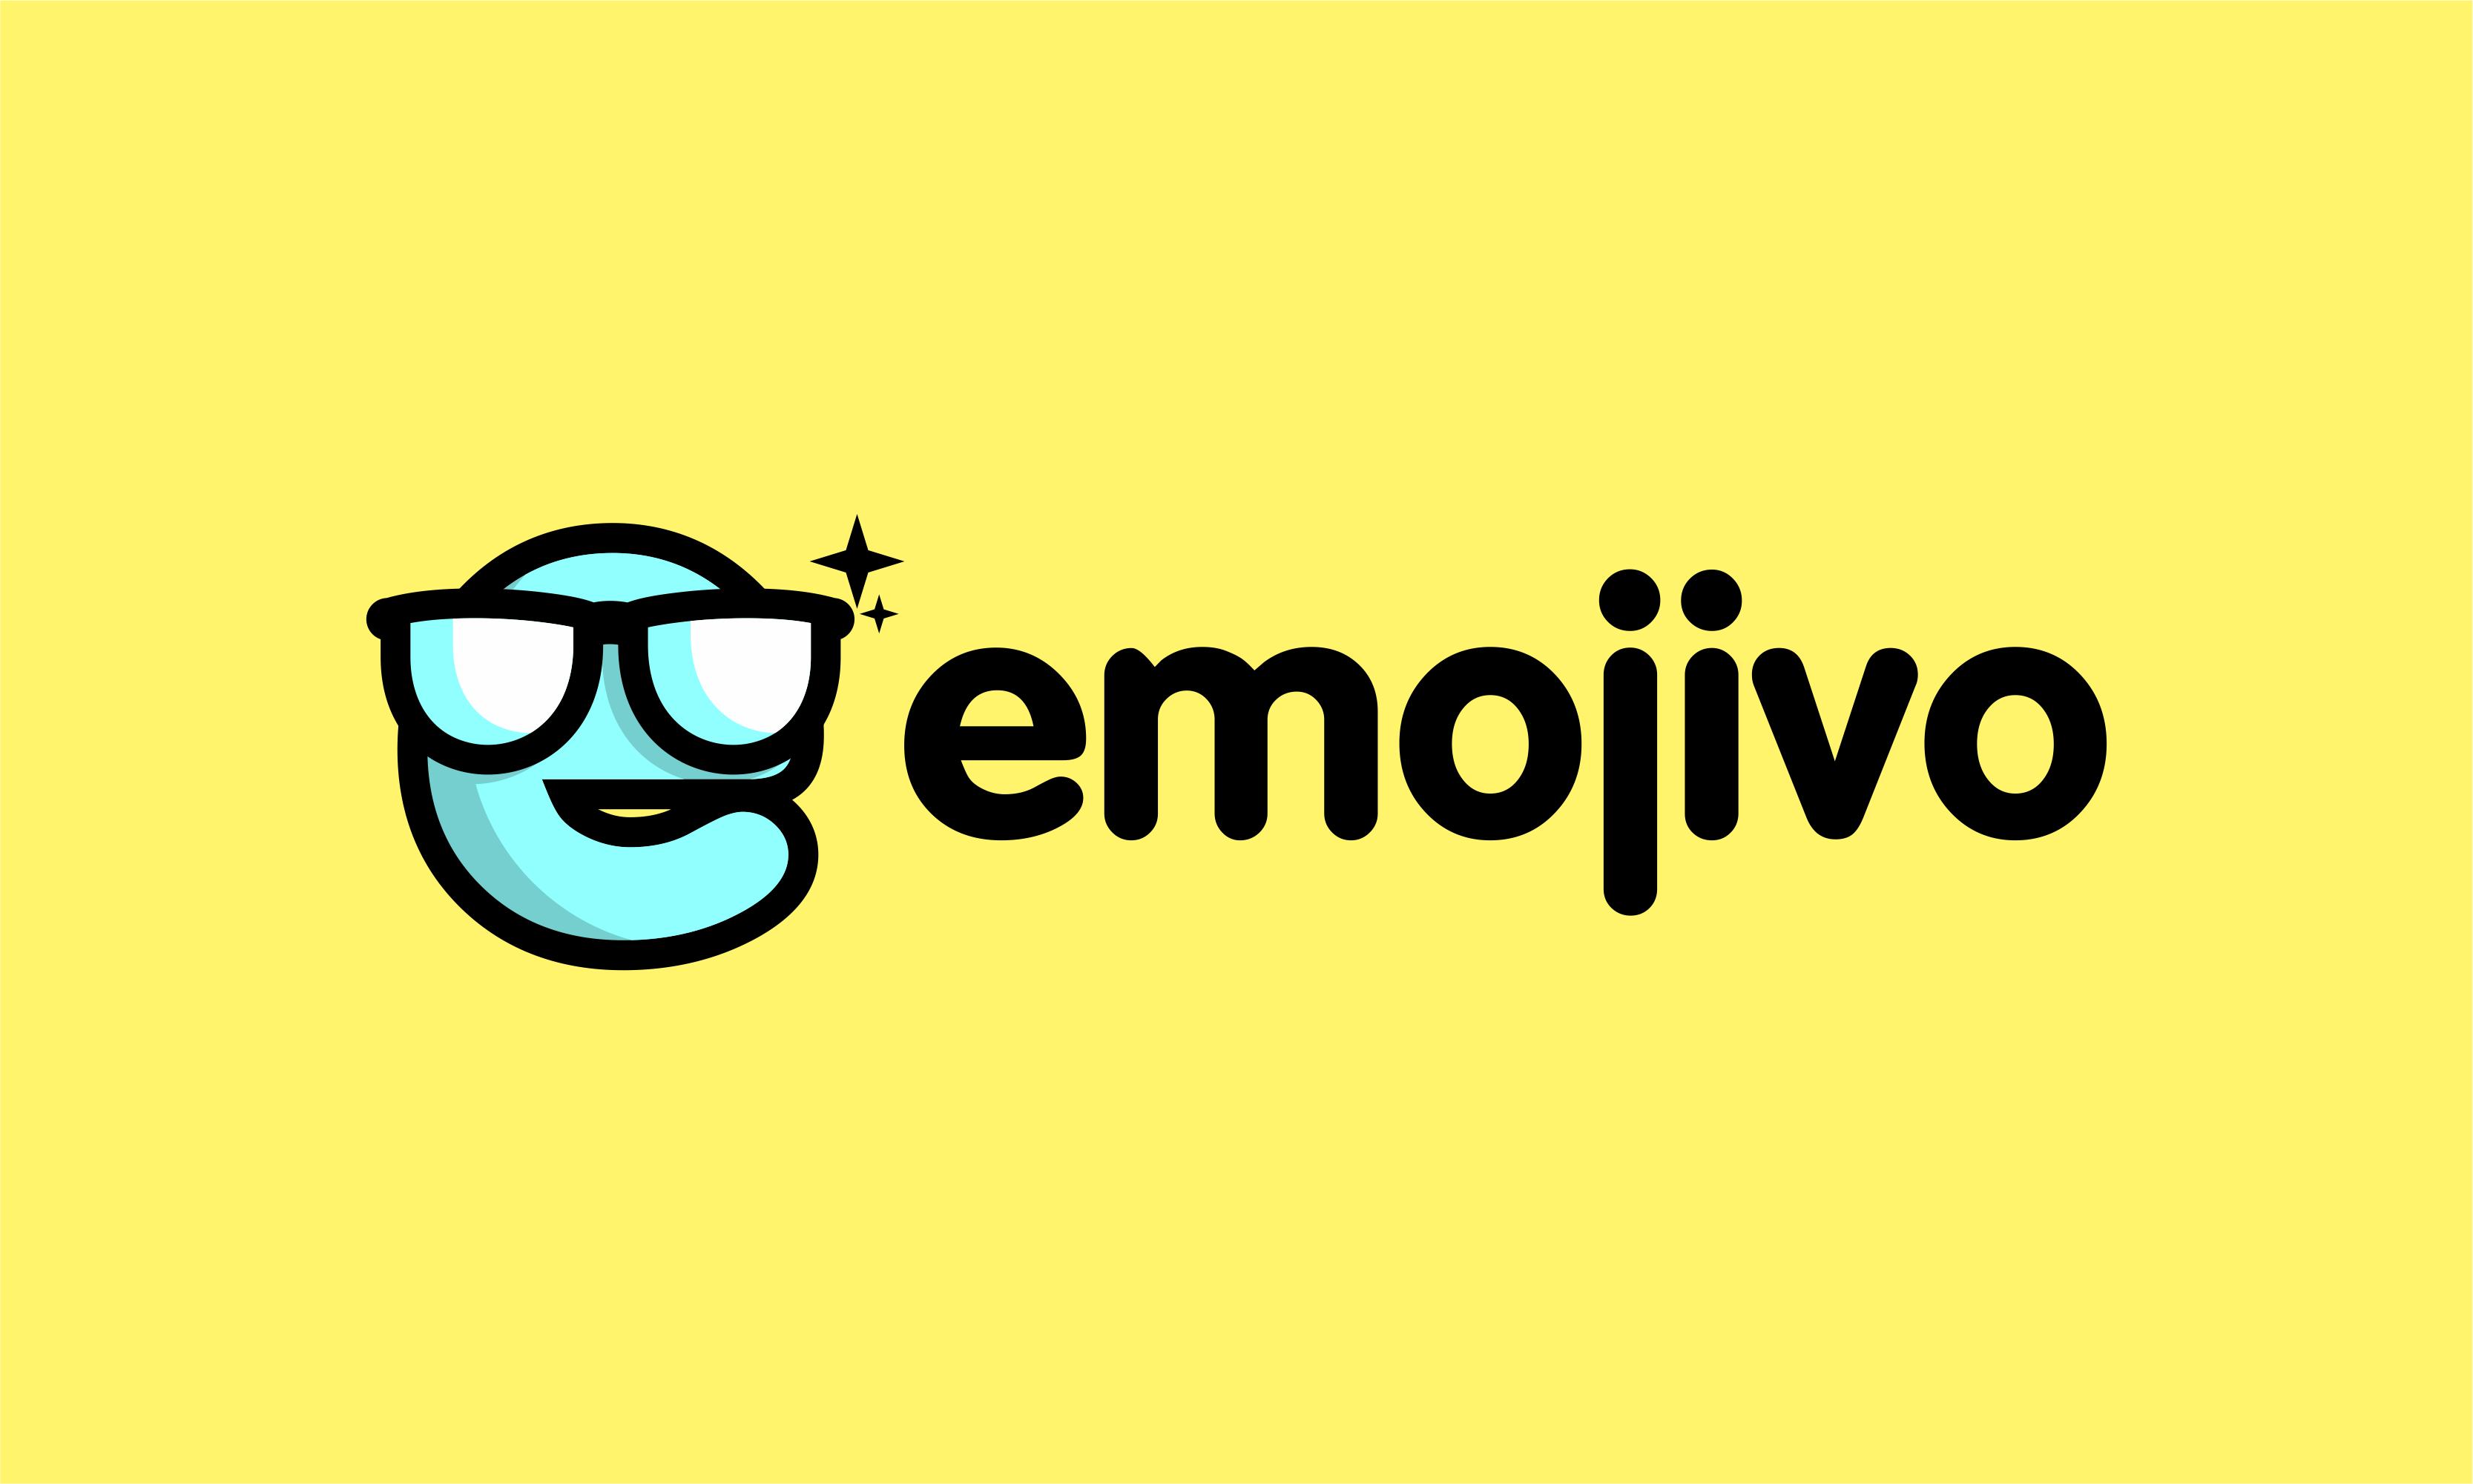 Emojivo